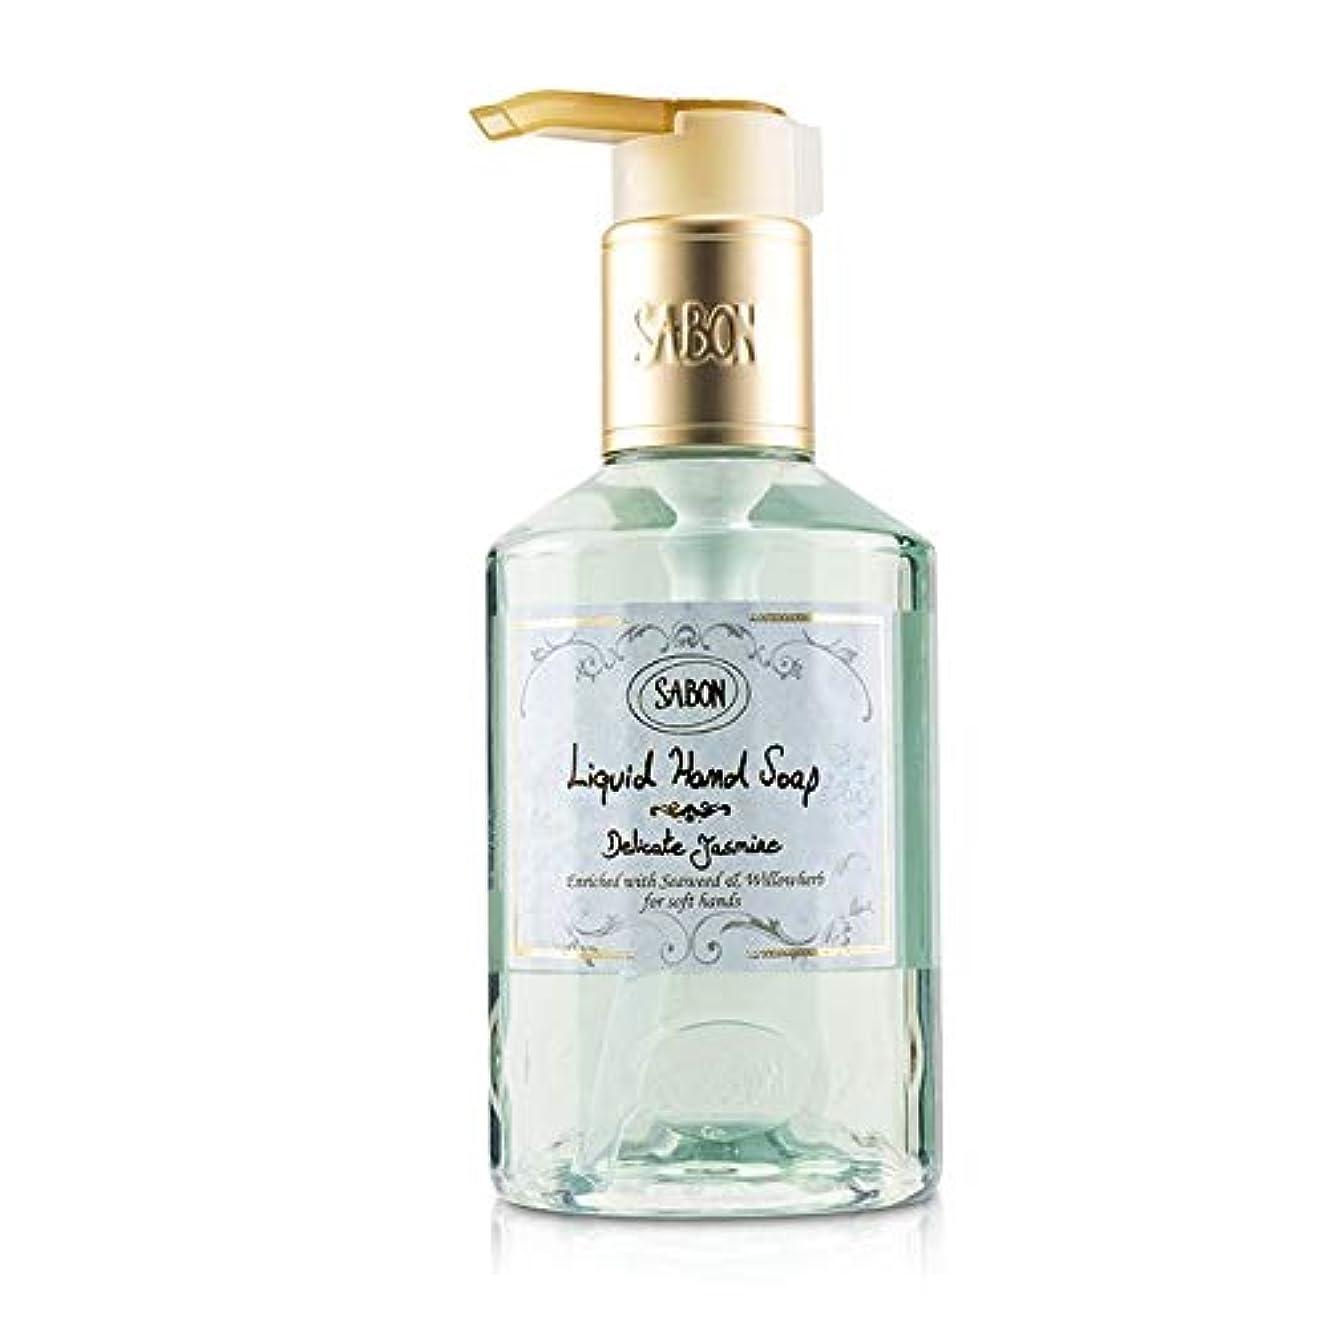 薬租界子犬サボン Liquid Hand Soap - Delicate Jasmine 200ml/7oz並行輸入品